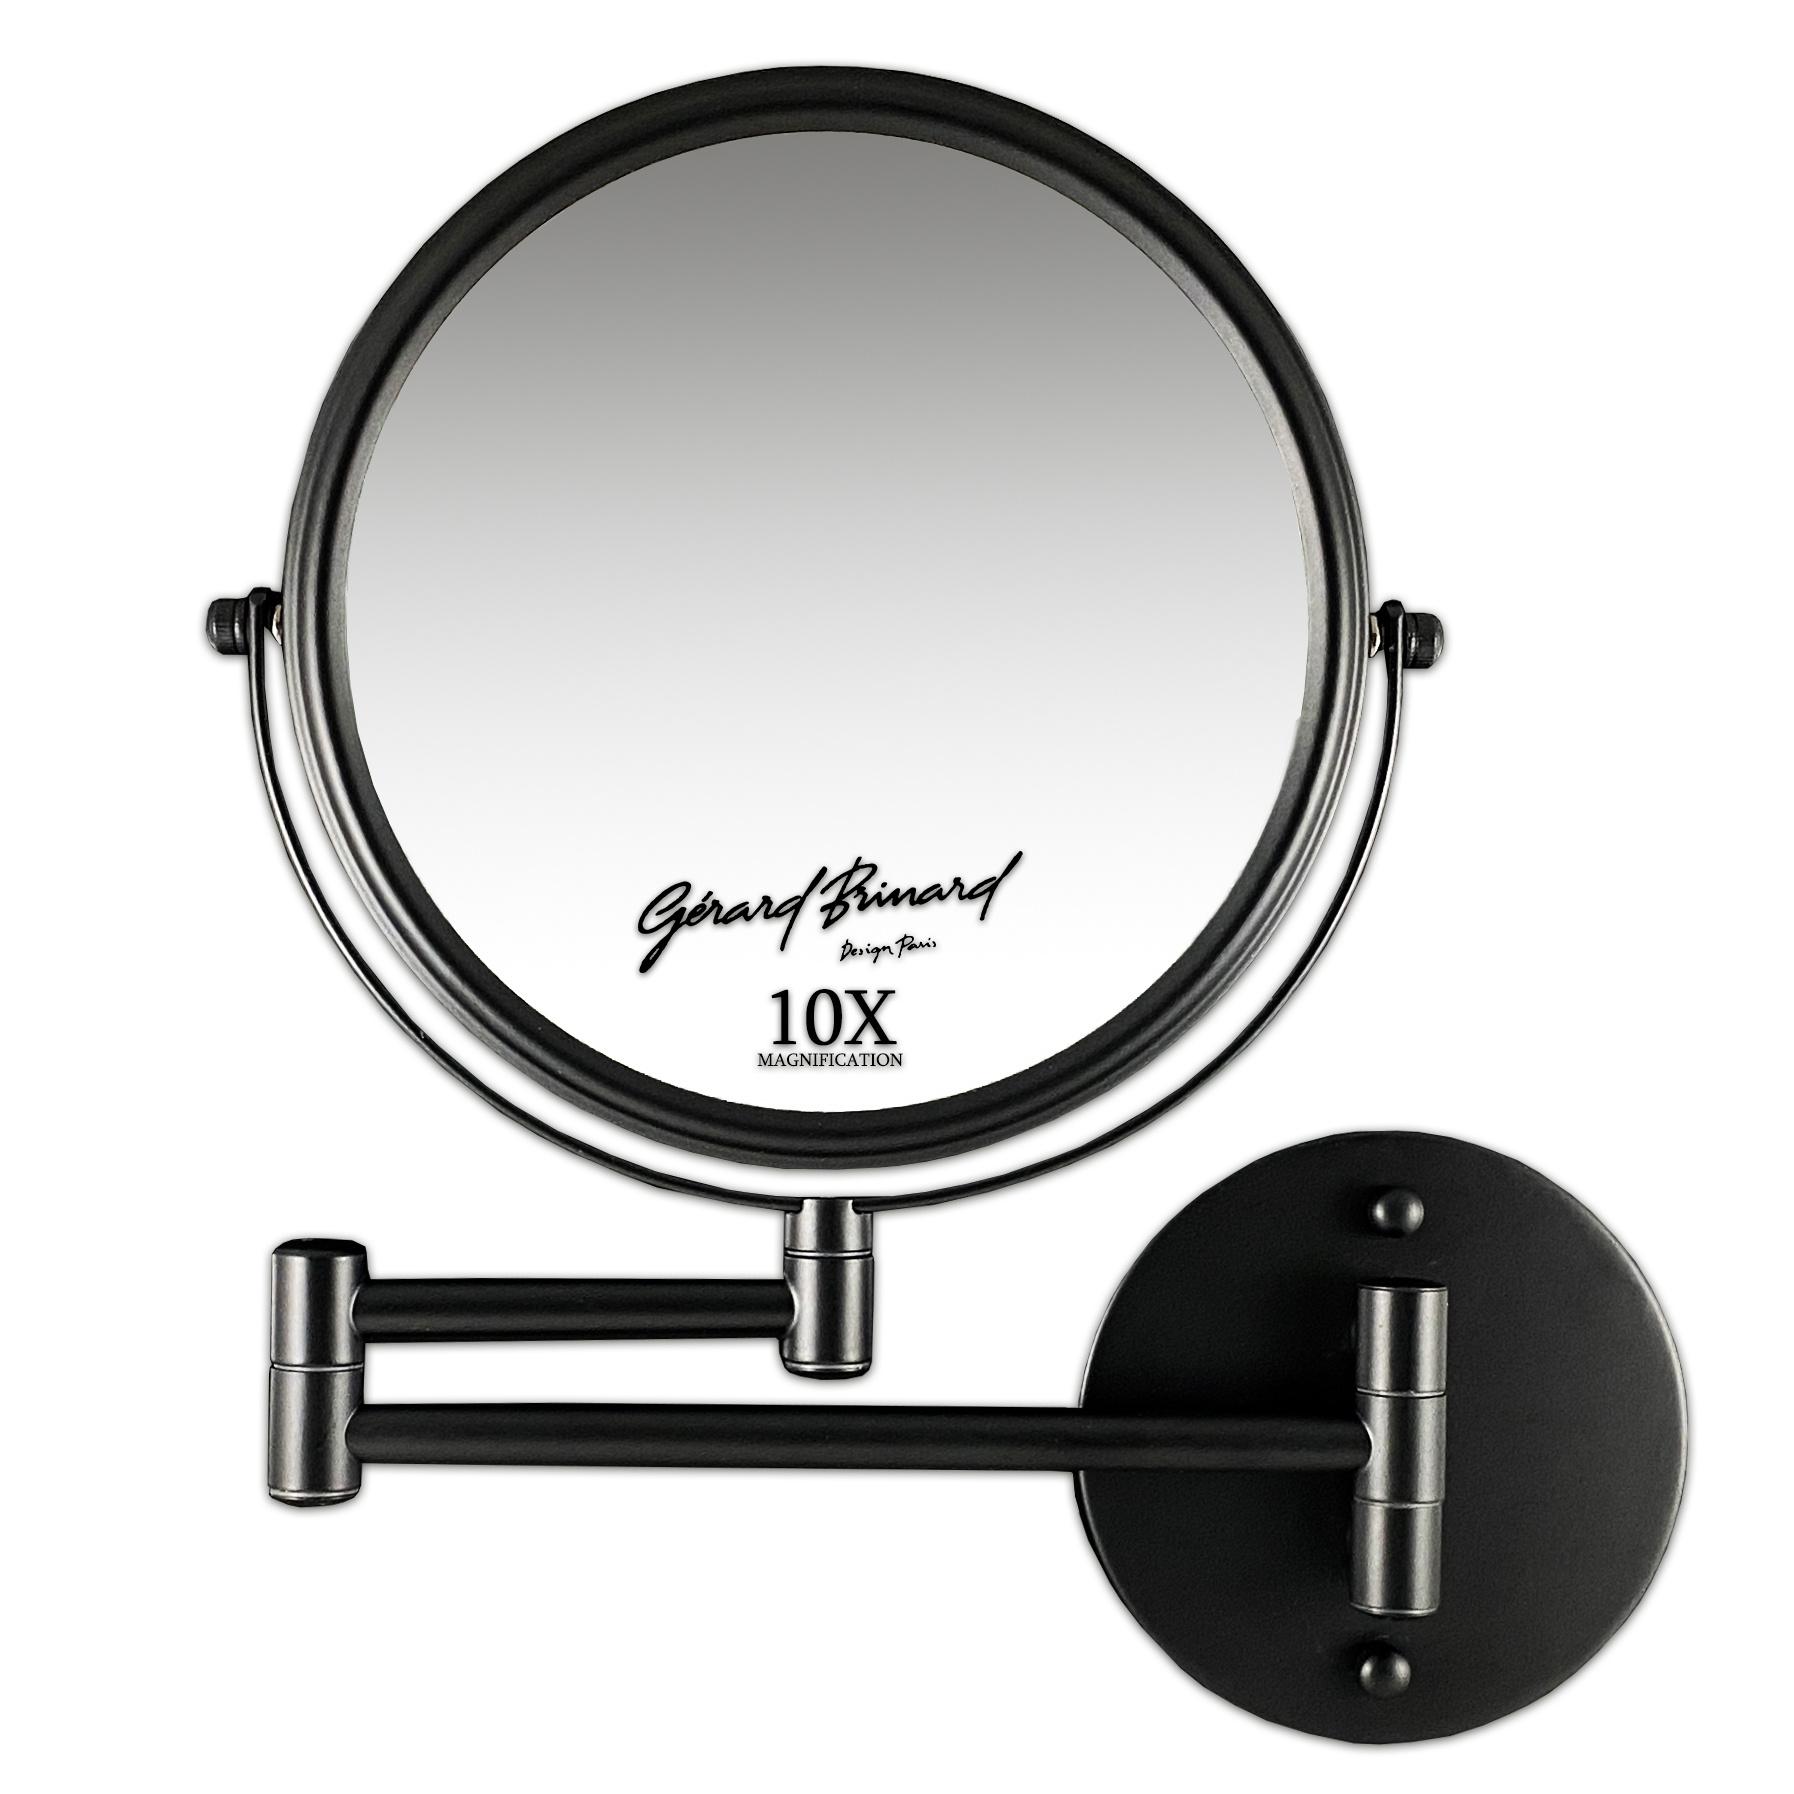 Gérard Brinard Make-up wandspiegel knikarm mat zwart - 10x vergroting 20cmØ